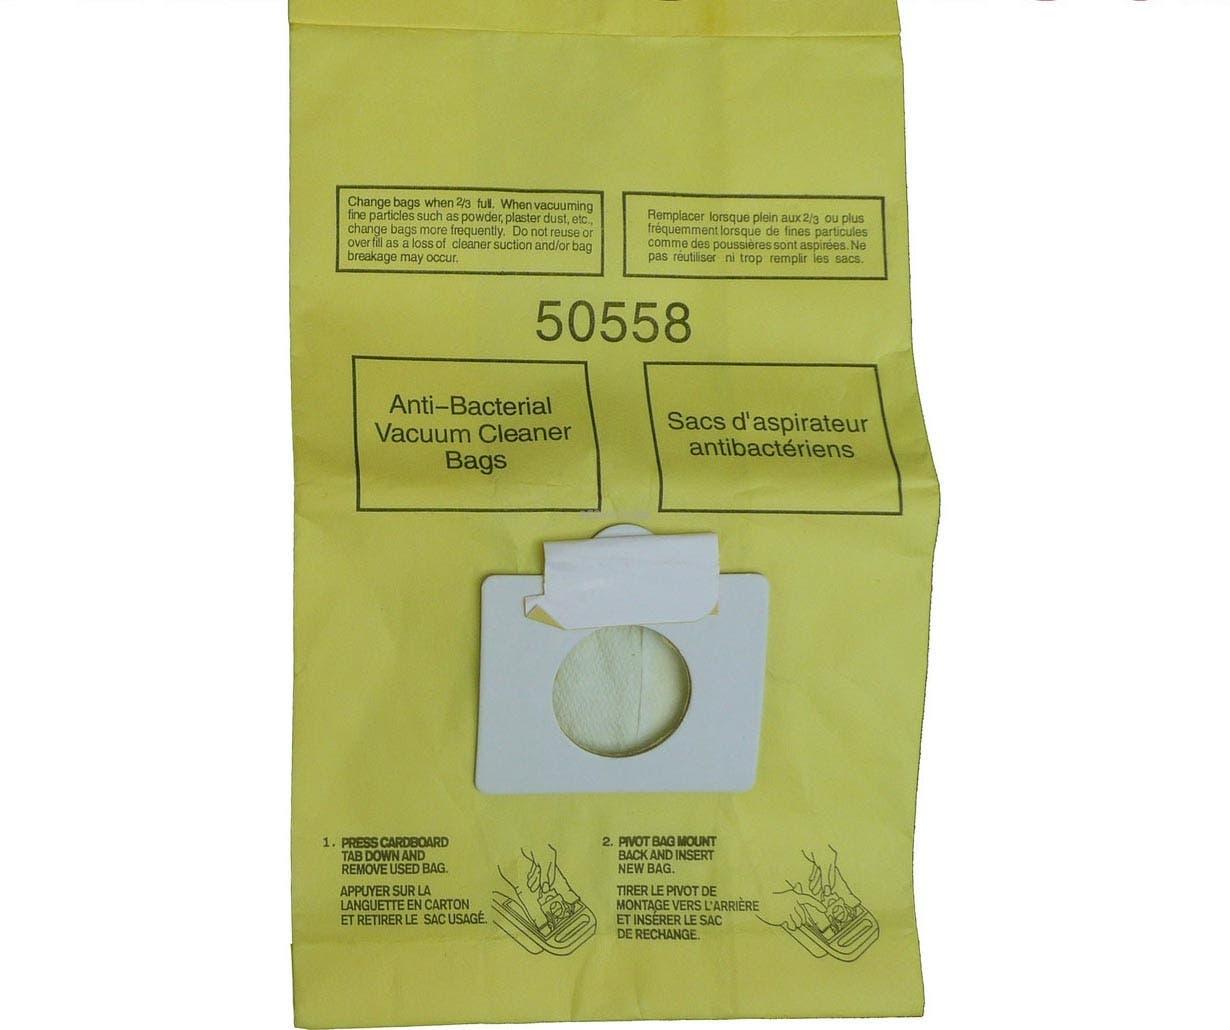 Panasonic C-5  Kenmore 5055, 50557, 50558 Micro Lined Bags Super Saver 36 bags Pack